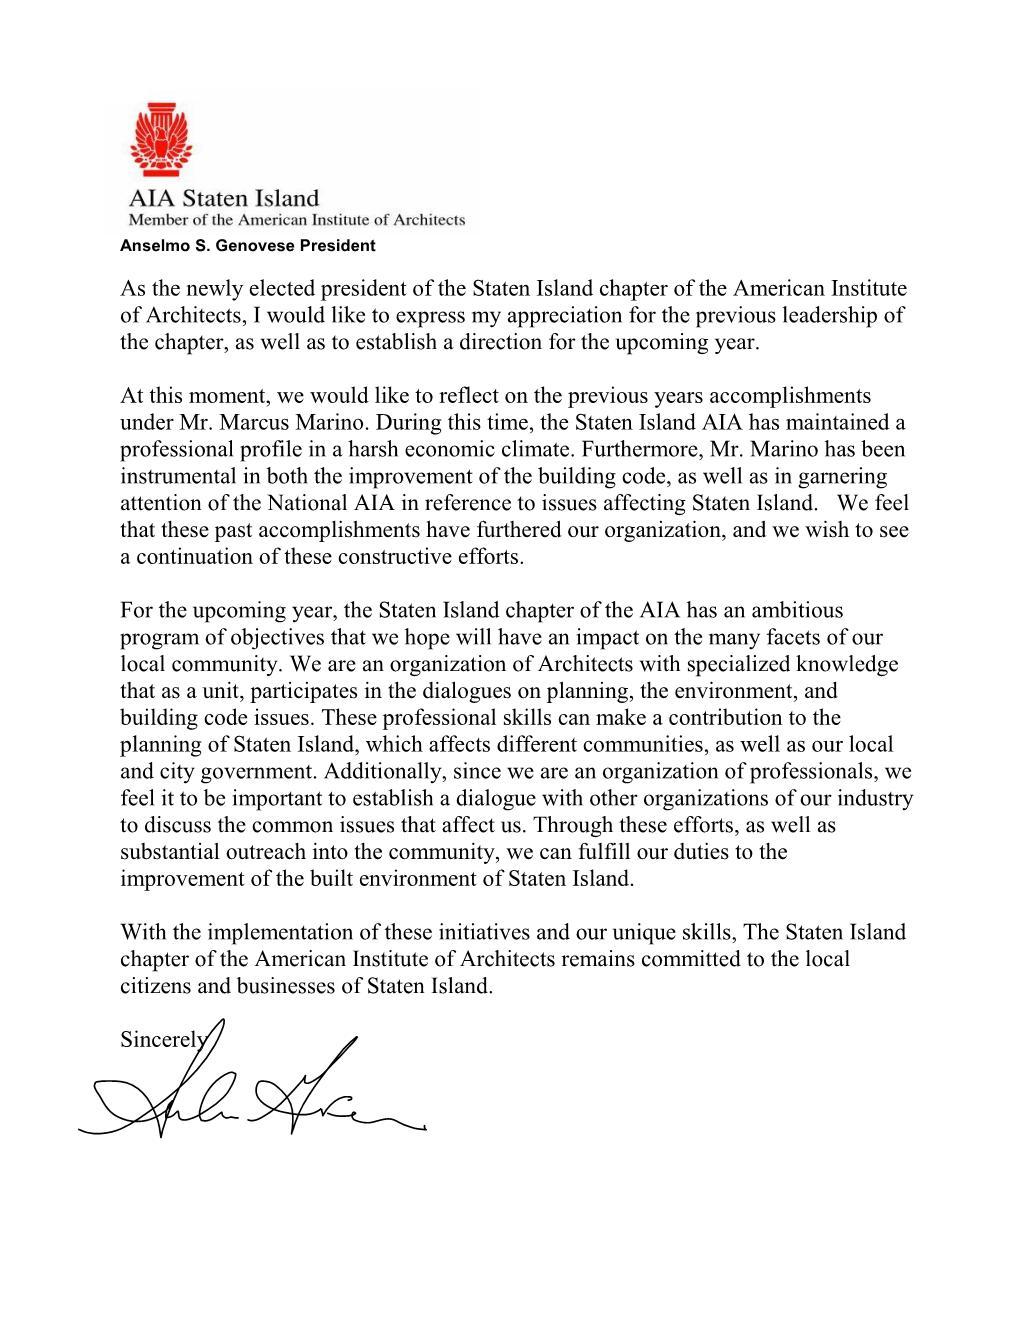 President_Anselmo_Genovese_inaugural_letter